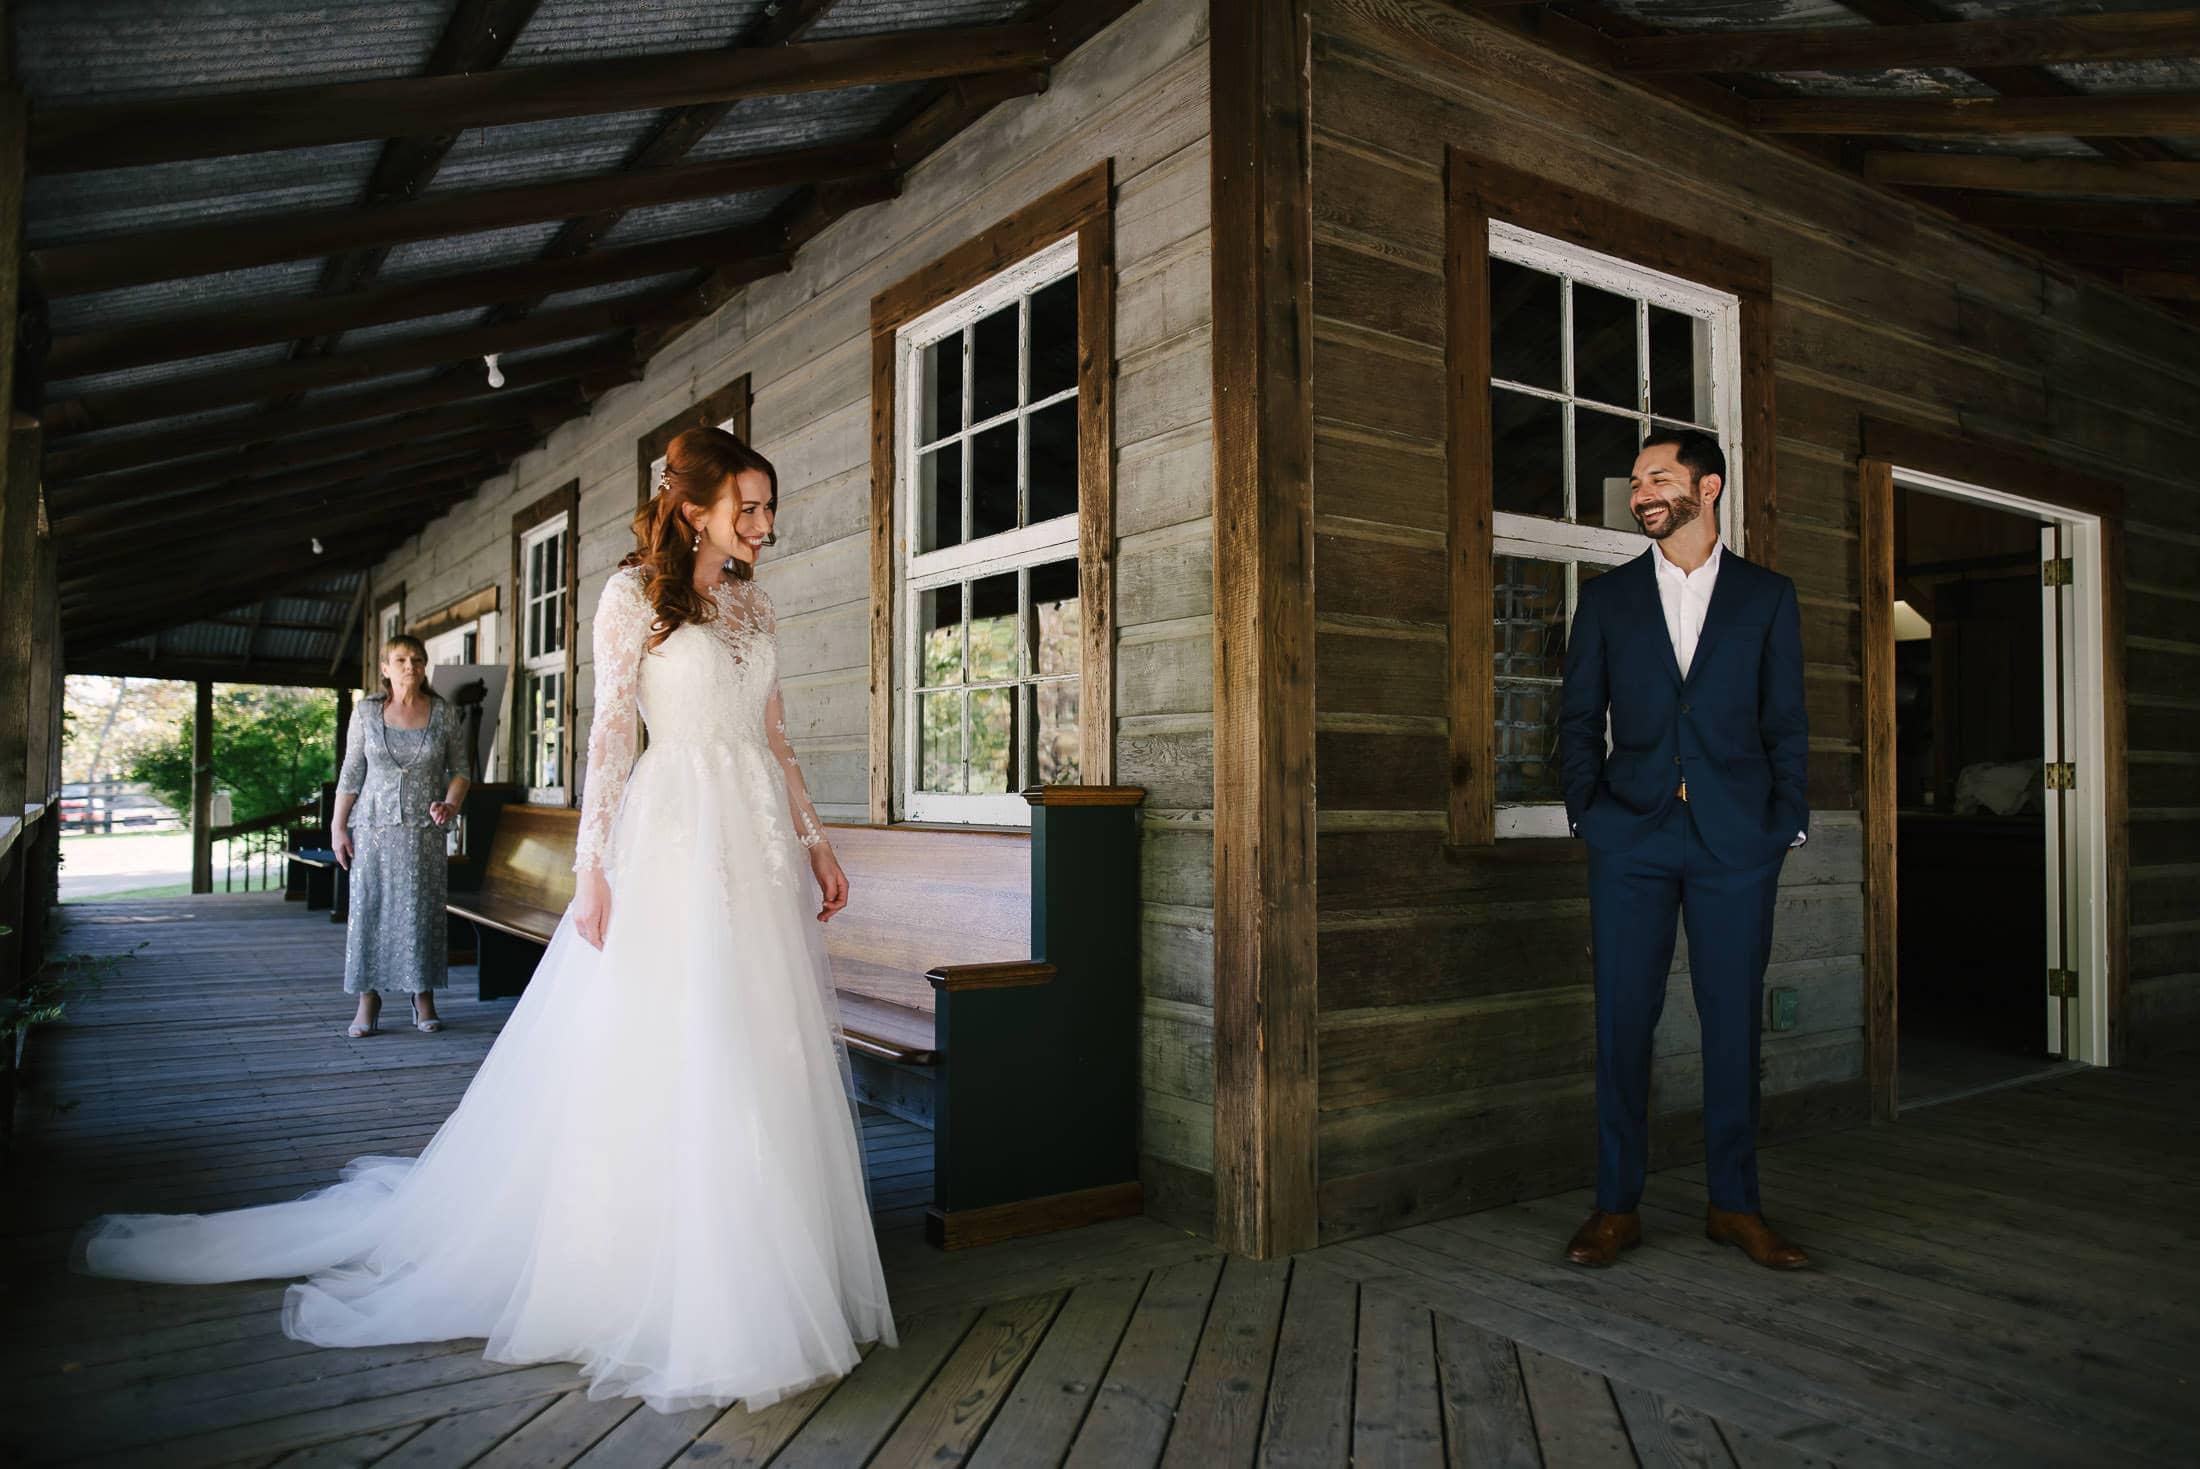 Radonich Ranch Wedding First Look